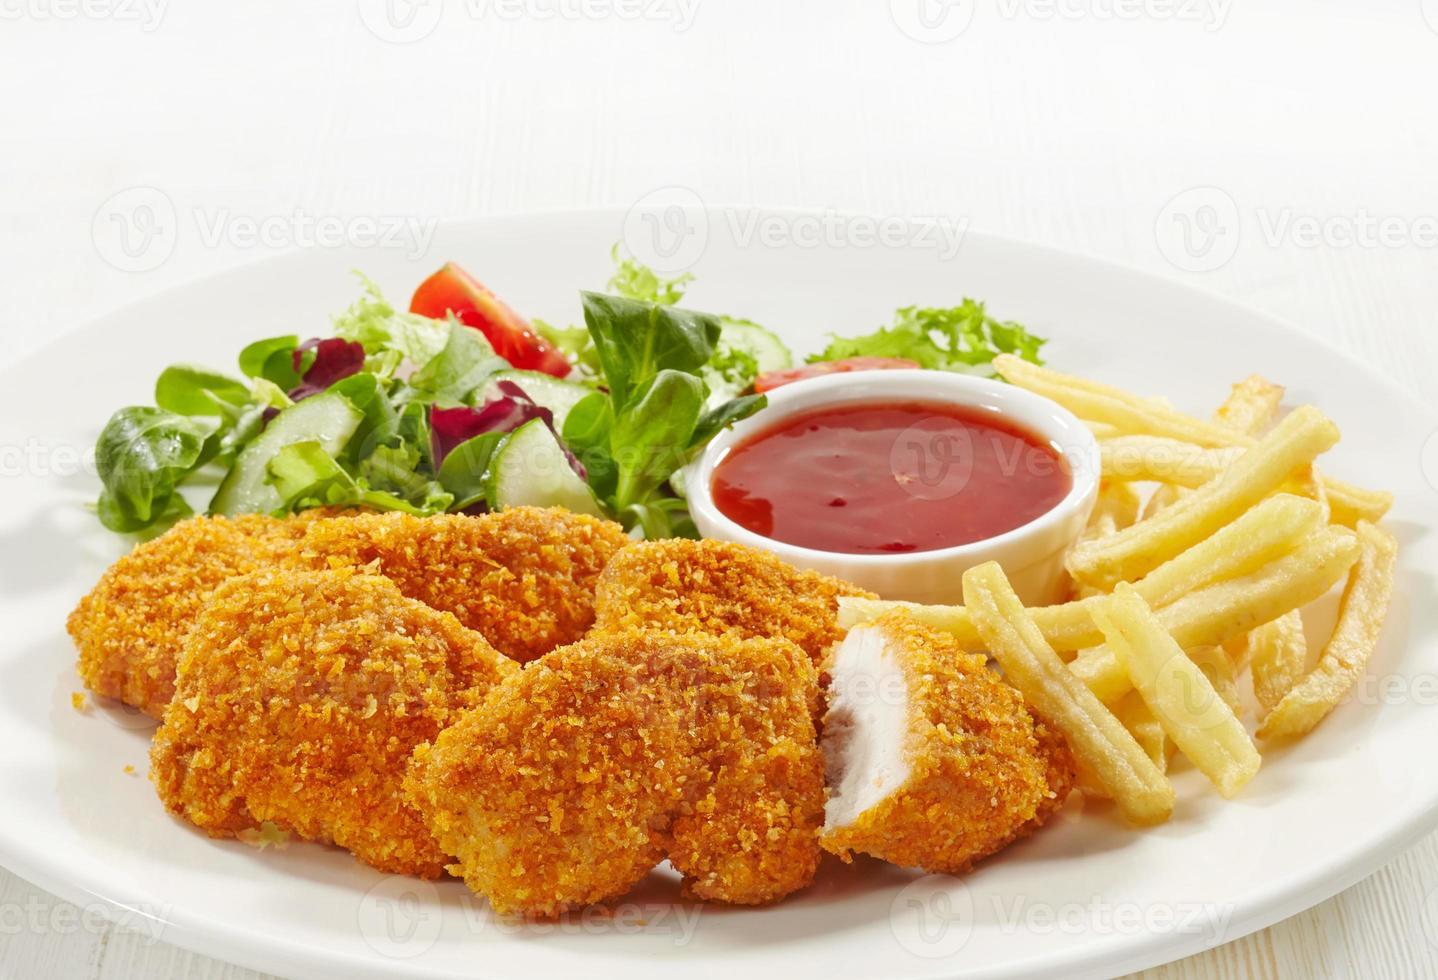 Hühnernuggets Chips Salat und rote Sauce auf einem weißen Teller foto